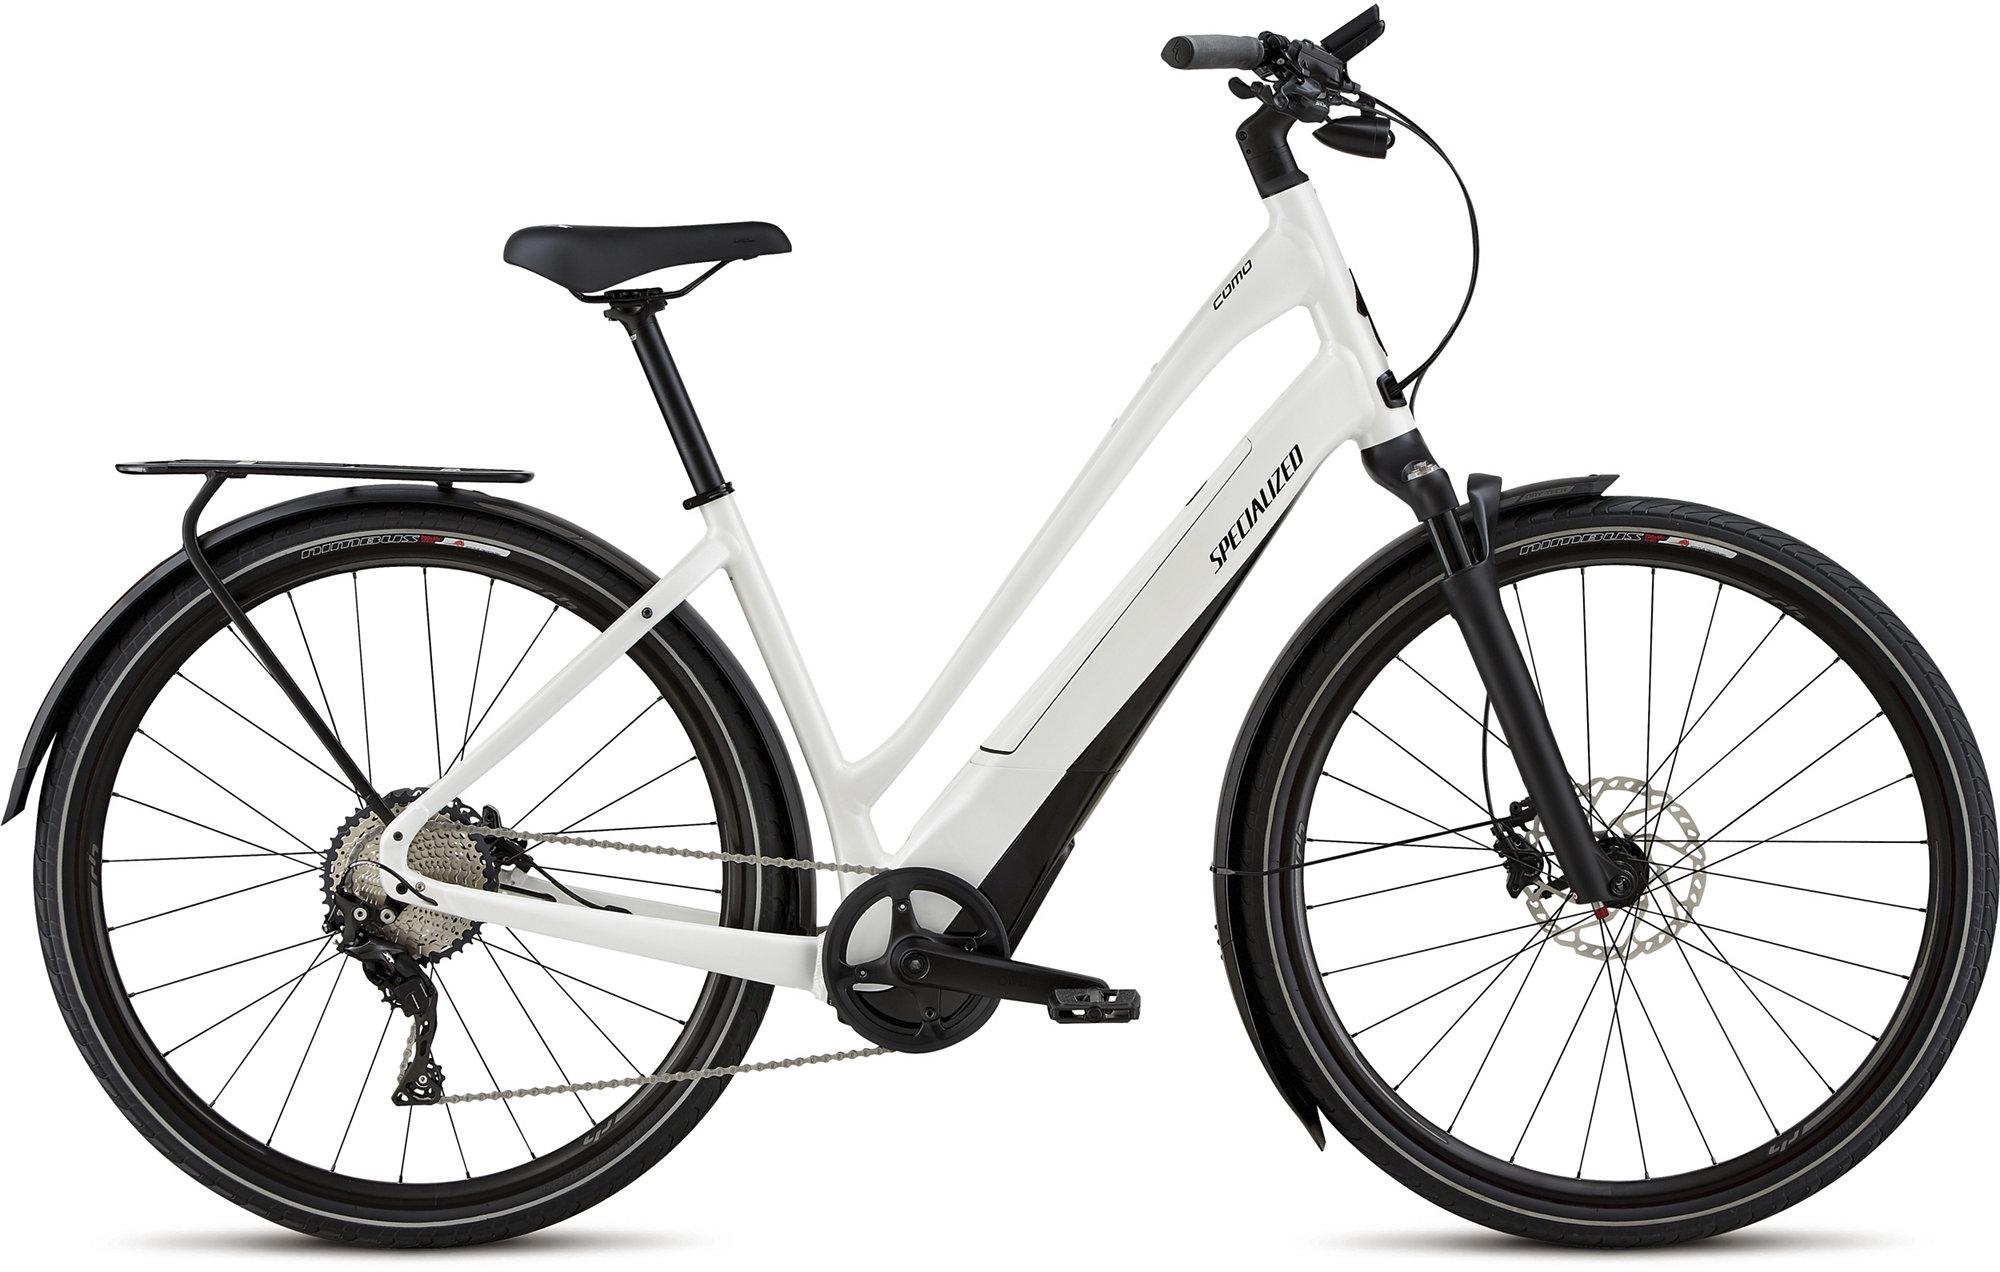 specialized como e bike bikeshop amersfoort. Black Bedroom Furniture Sets. Home Design Ideas